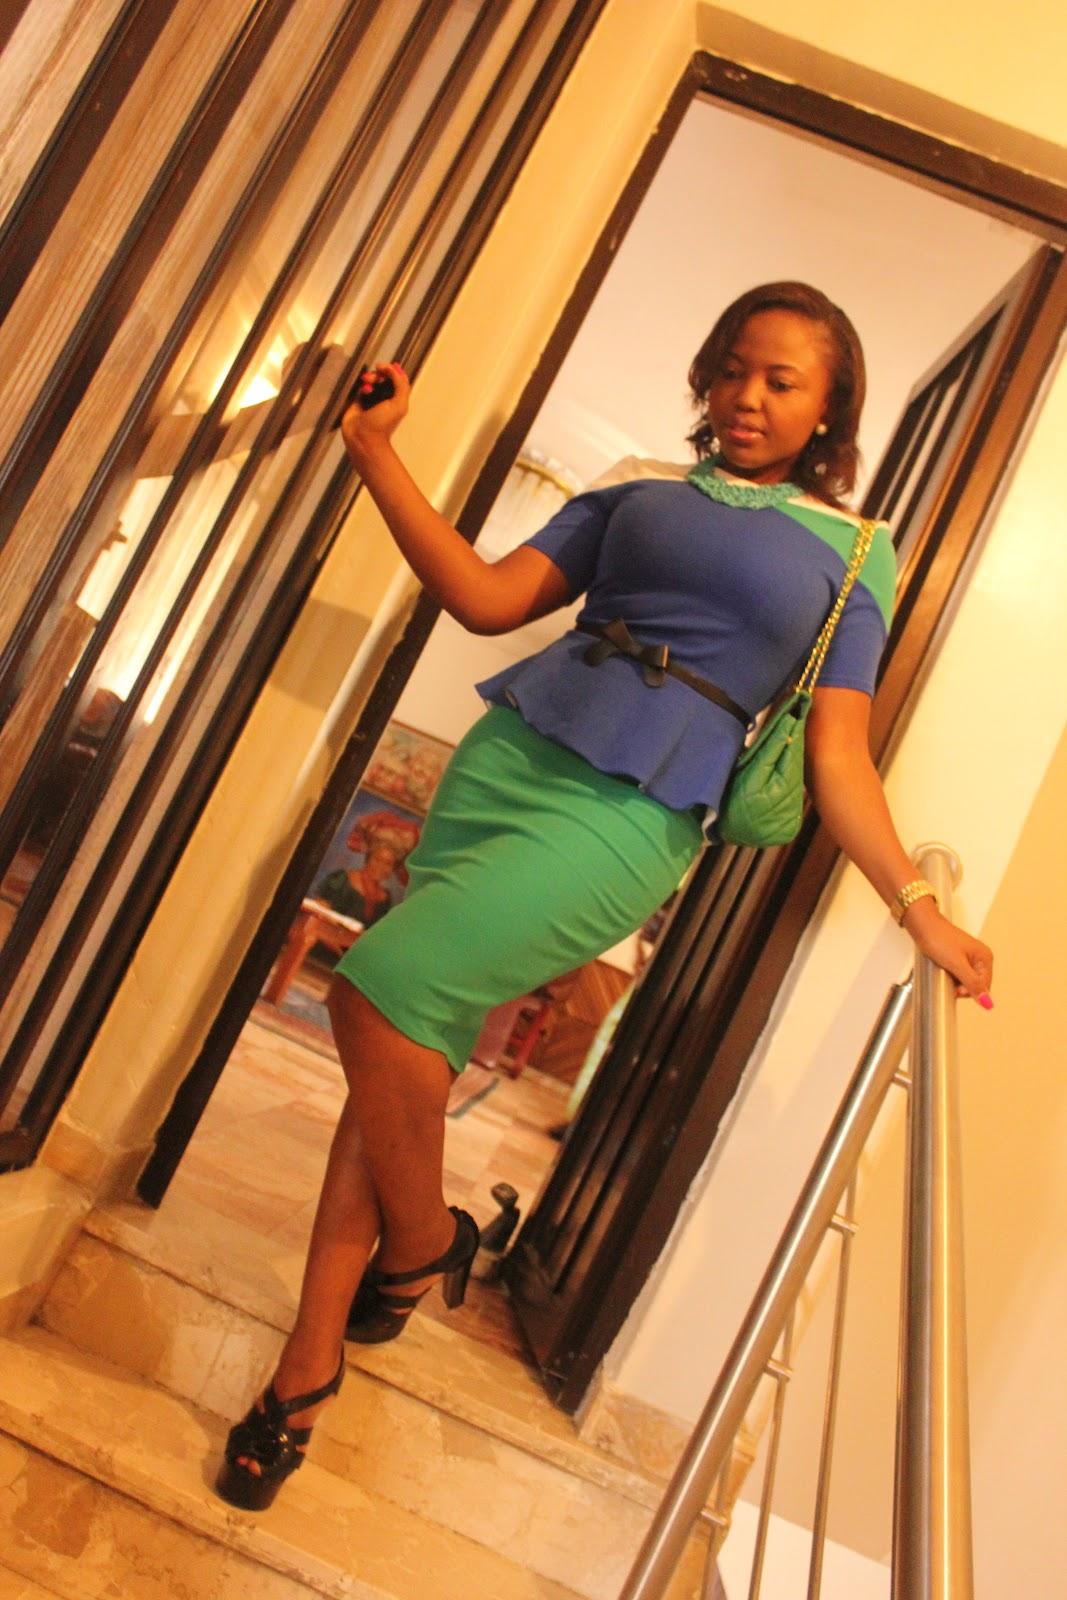 http://1.bp.blogspot.com/-D4vDD0heizw/T80dIGgK6pI/AAAAAAAABCQ/pN-DfDrTPY8/s1600/IMG_0946.JPG